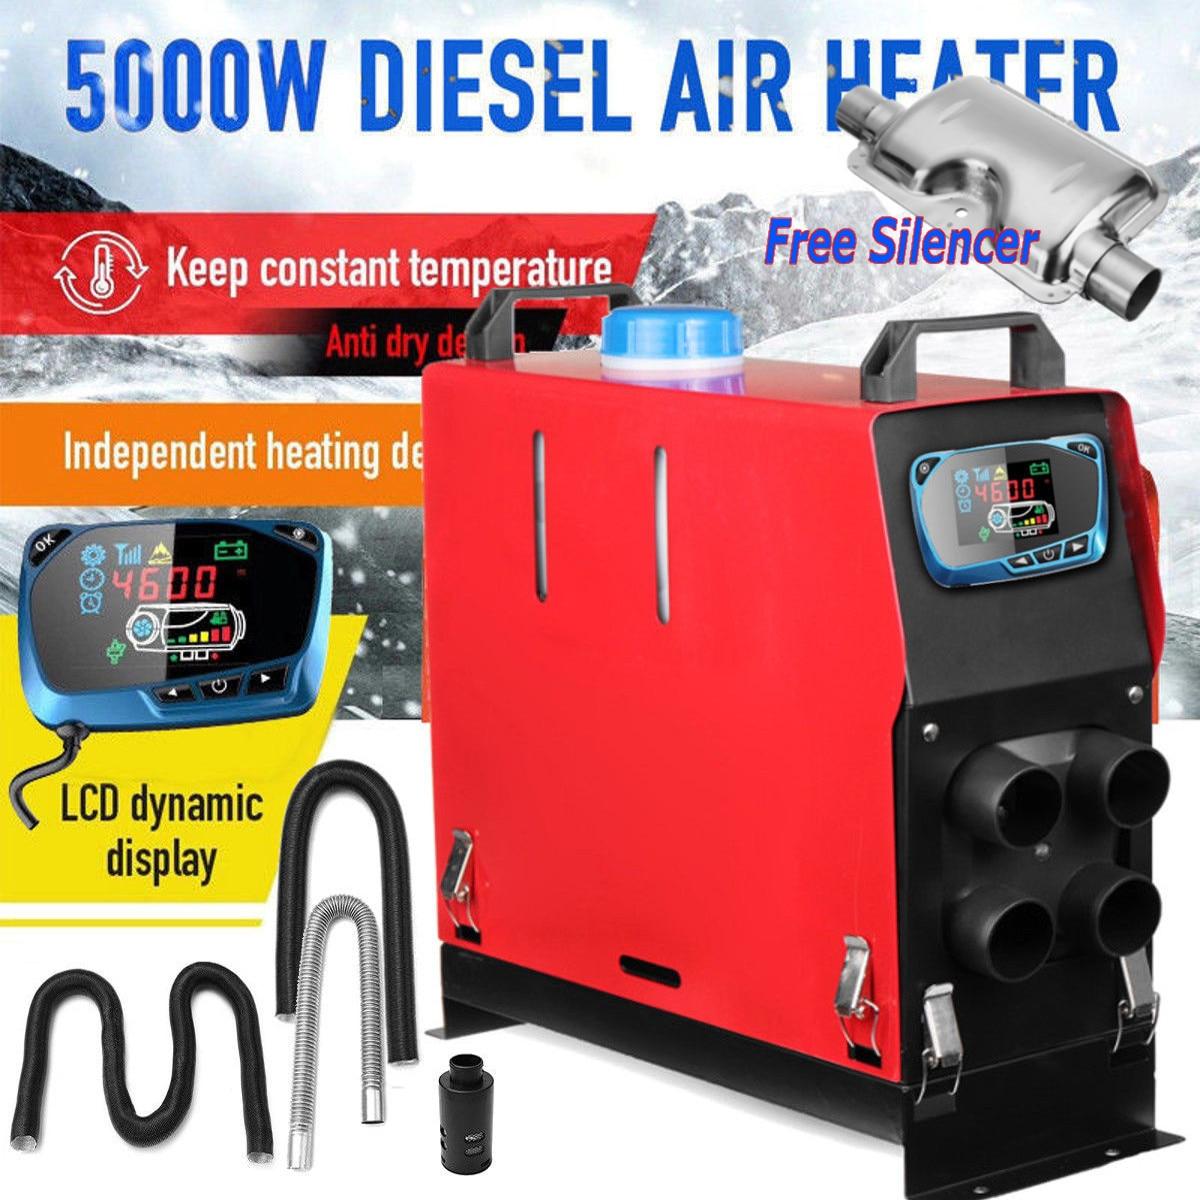 5000 w Air diesels Chauffe-5KW 12 v Chauffage De la Voiture Pour Camions Moteur-Maisons Bateaux Bus + Date LCD interrupteur à clé + Silencieux